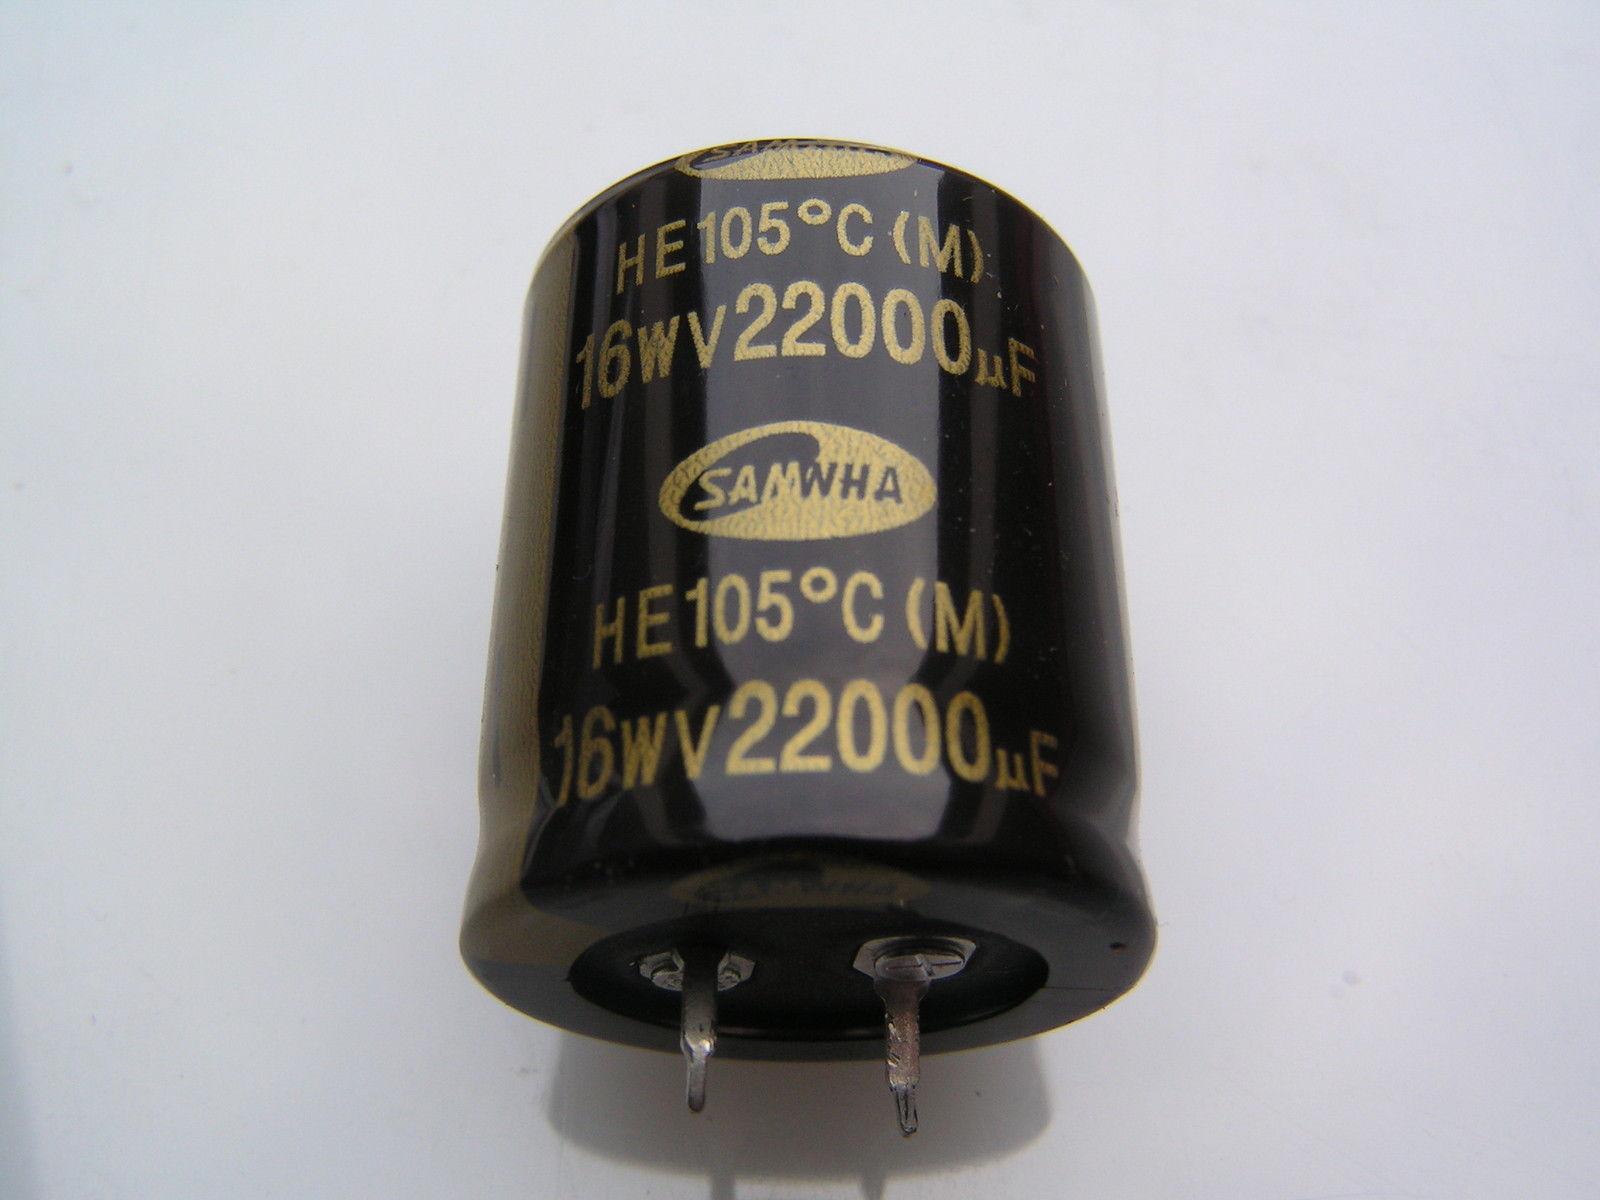 RD 4700uF * vendedor del Reino Unido * 105 ° C alta fiabilidad Radial condensador Samwha - 16 V